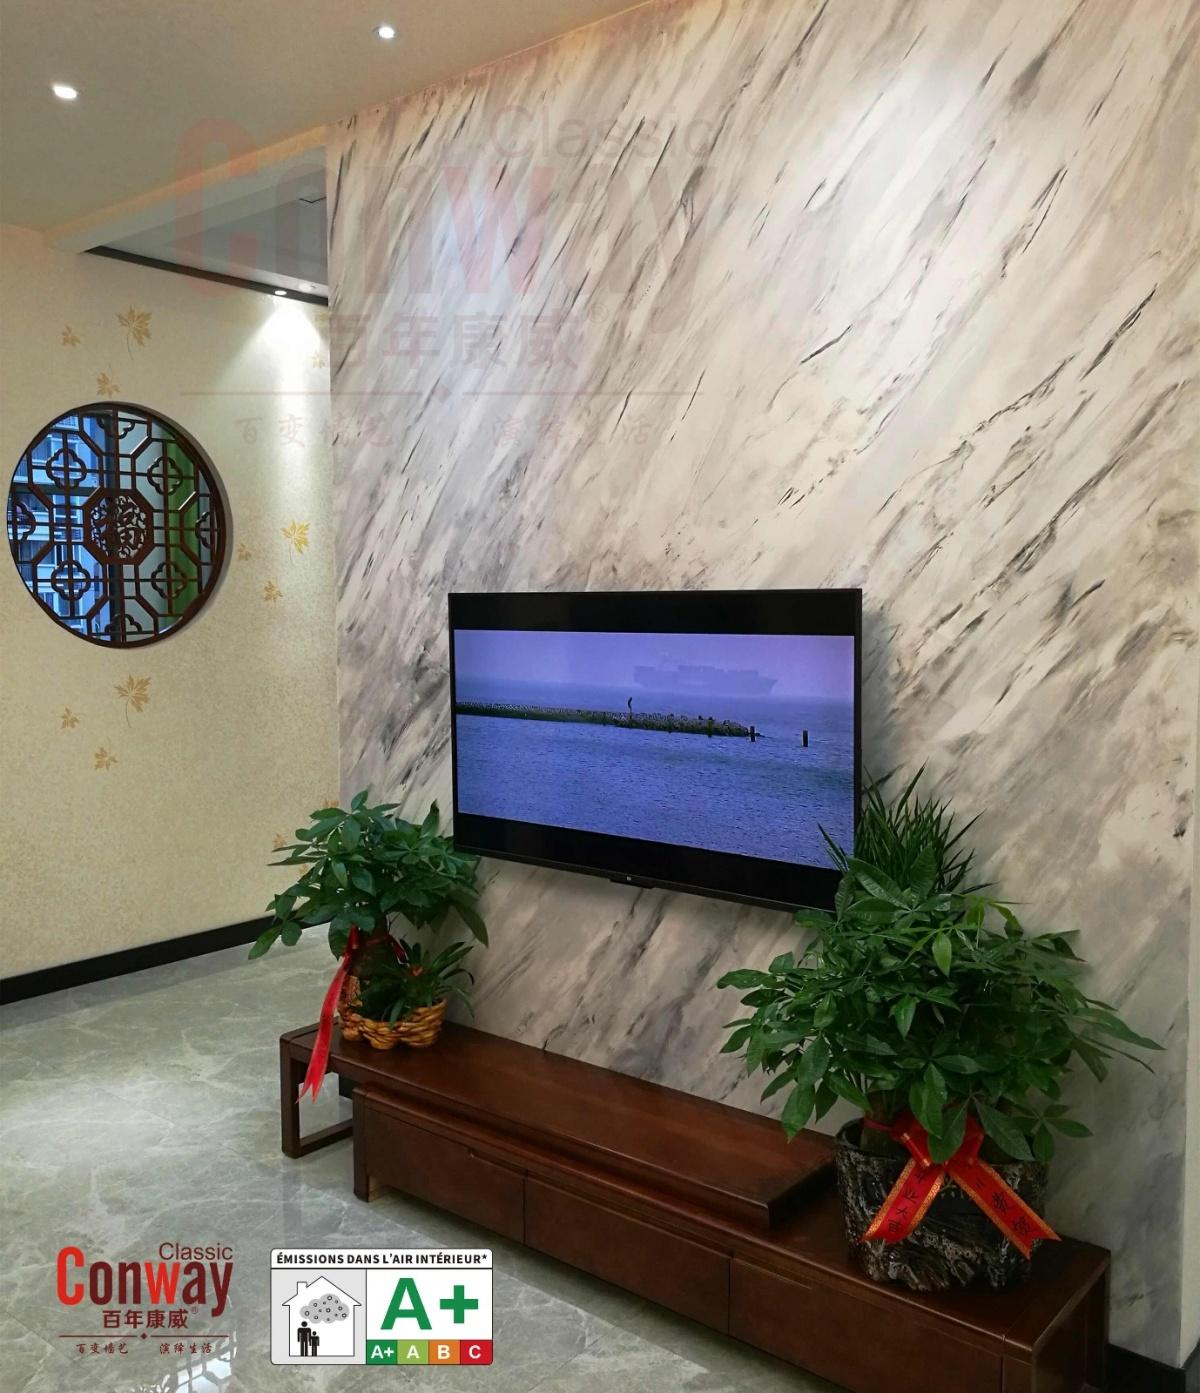 福州百年康威艺术涂料体验馆隆重开业——缔造福州墙面装饰行业标